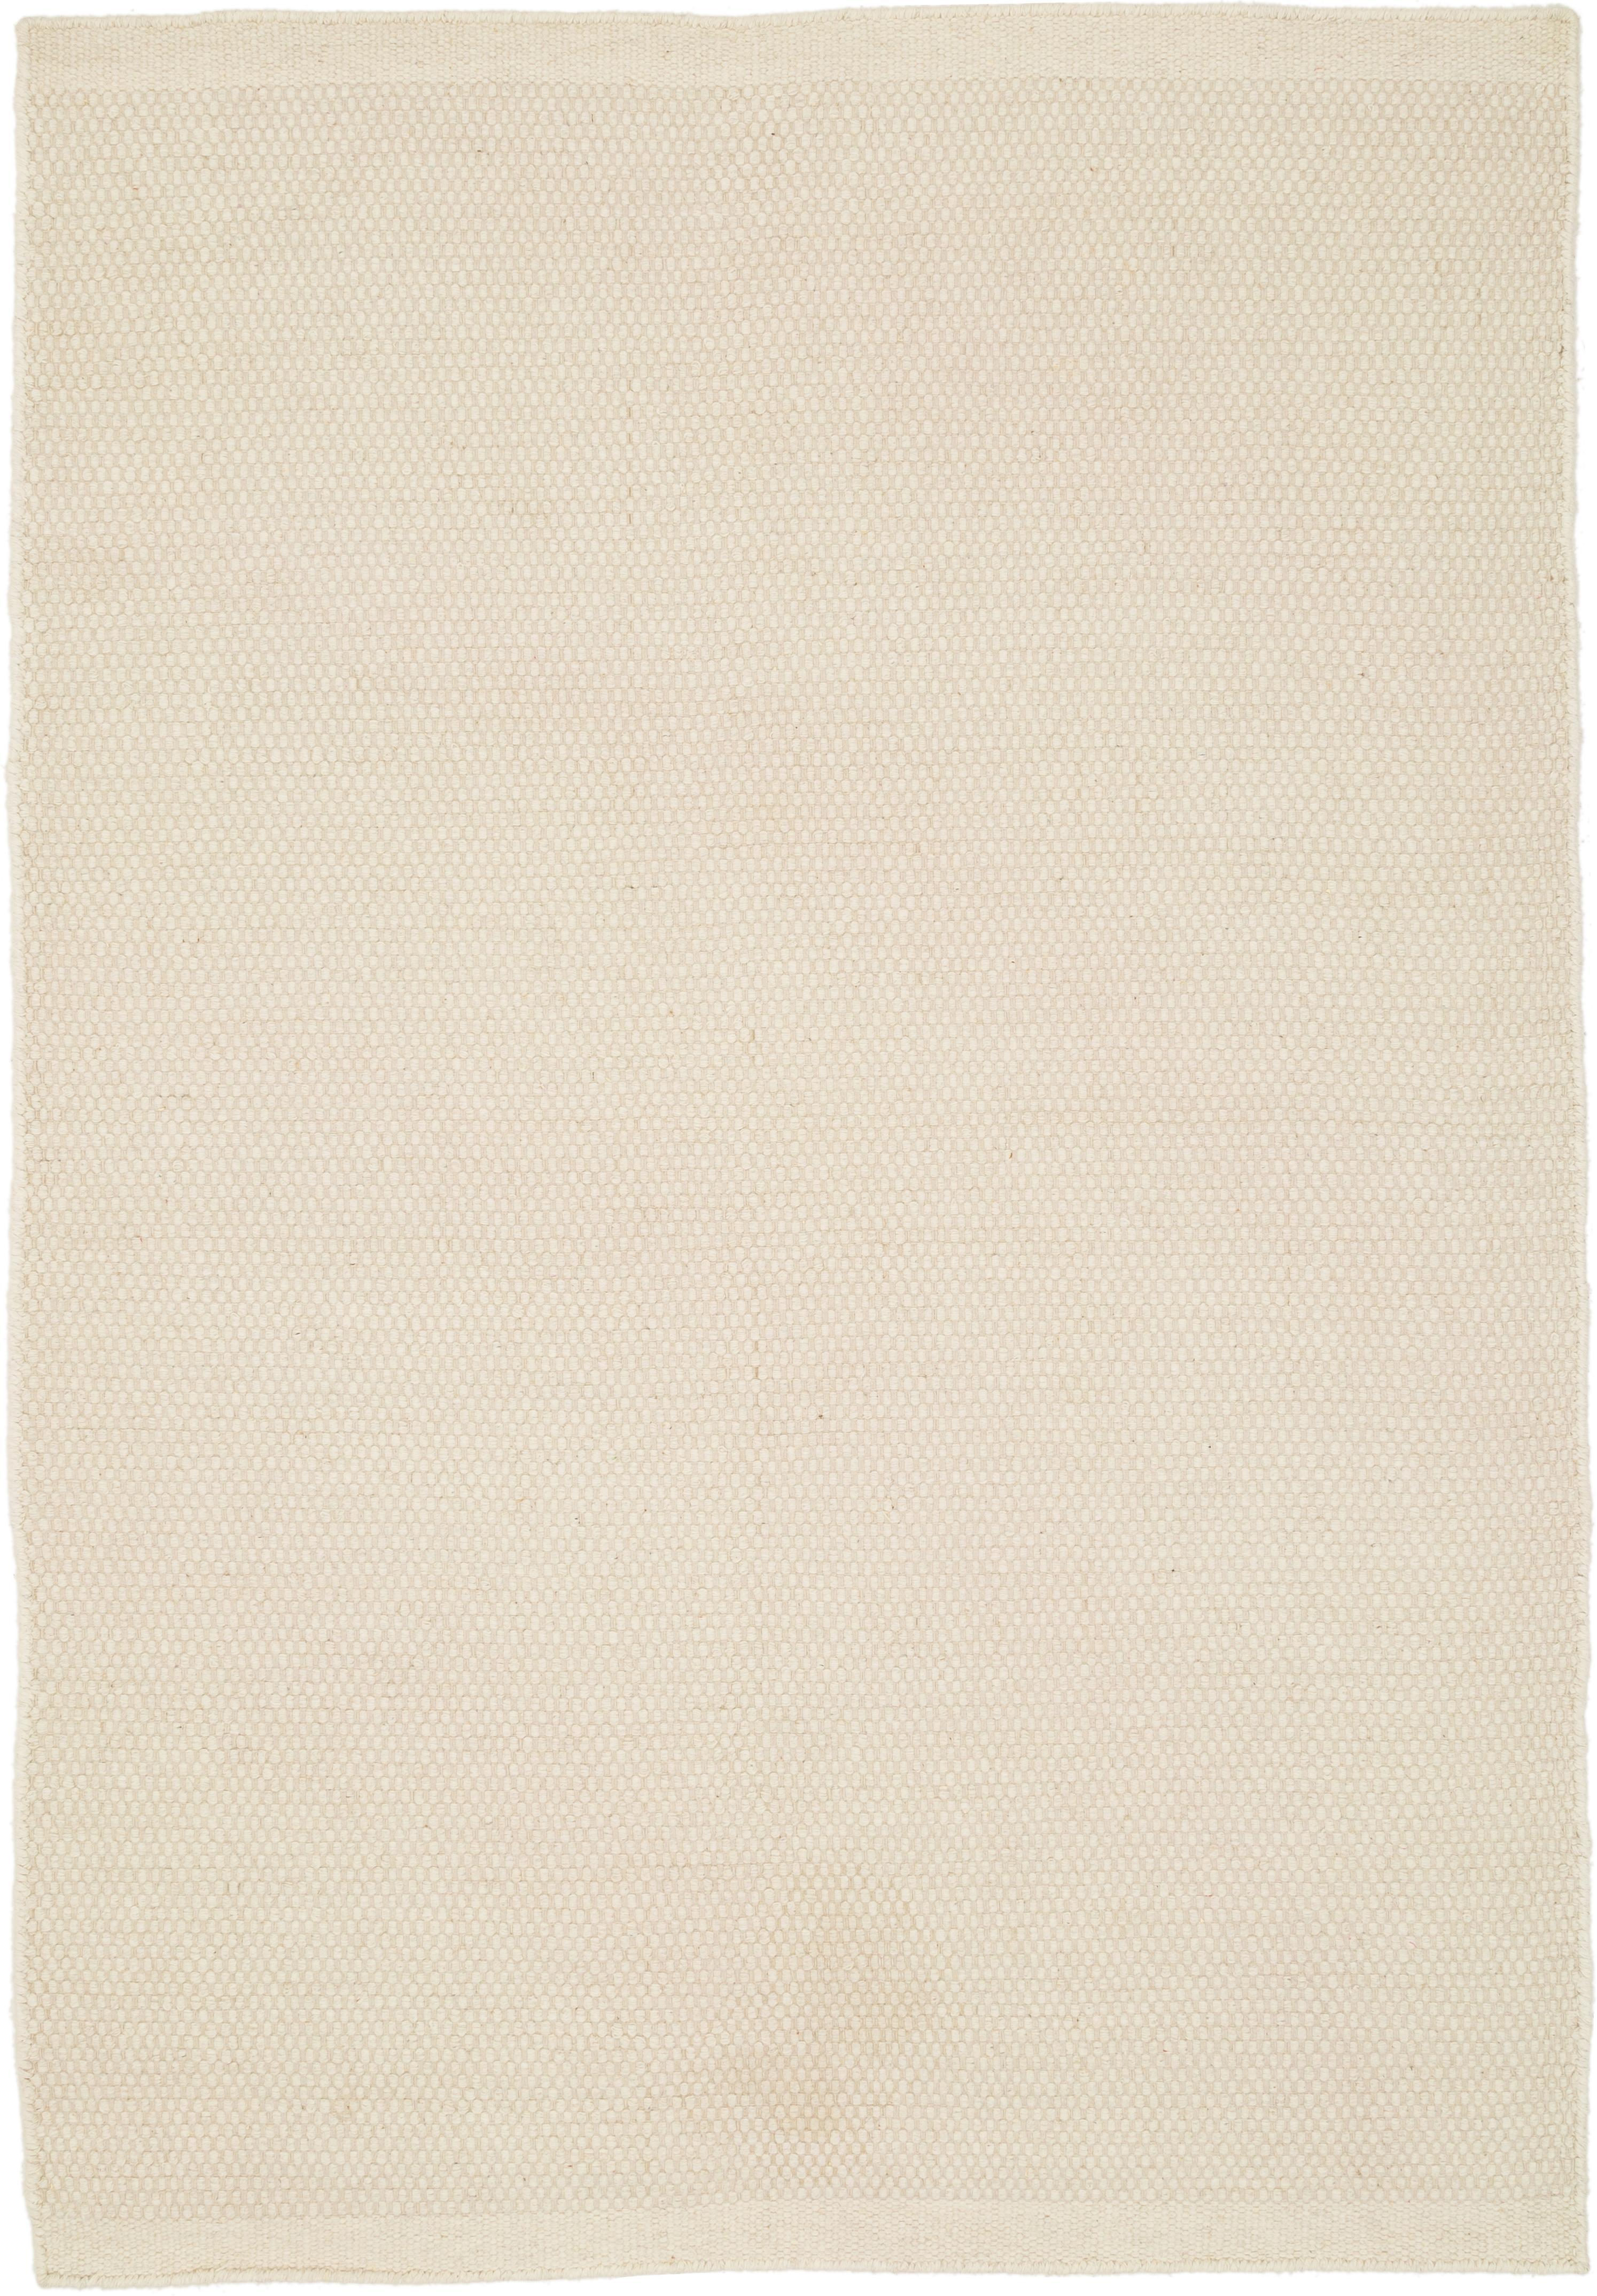 Handgewebter Kelimteppich Delight aus Wolle in Cremeweiss, Vorderseite: 90% Wolle, 10% Baumwolle, Rückseite: Baumwolle, Wollweiss, B 250 x L 350 cm (Grösse XL)